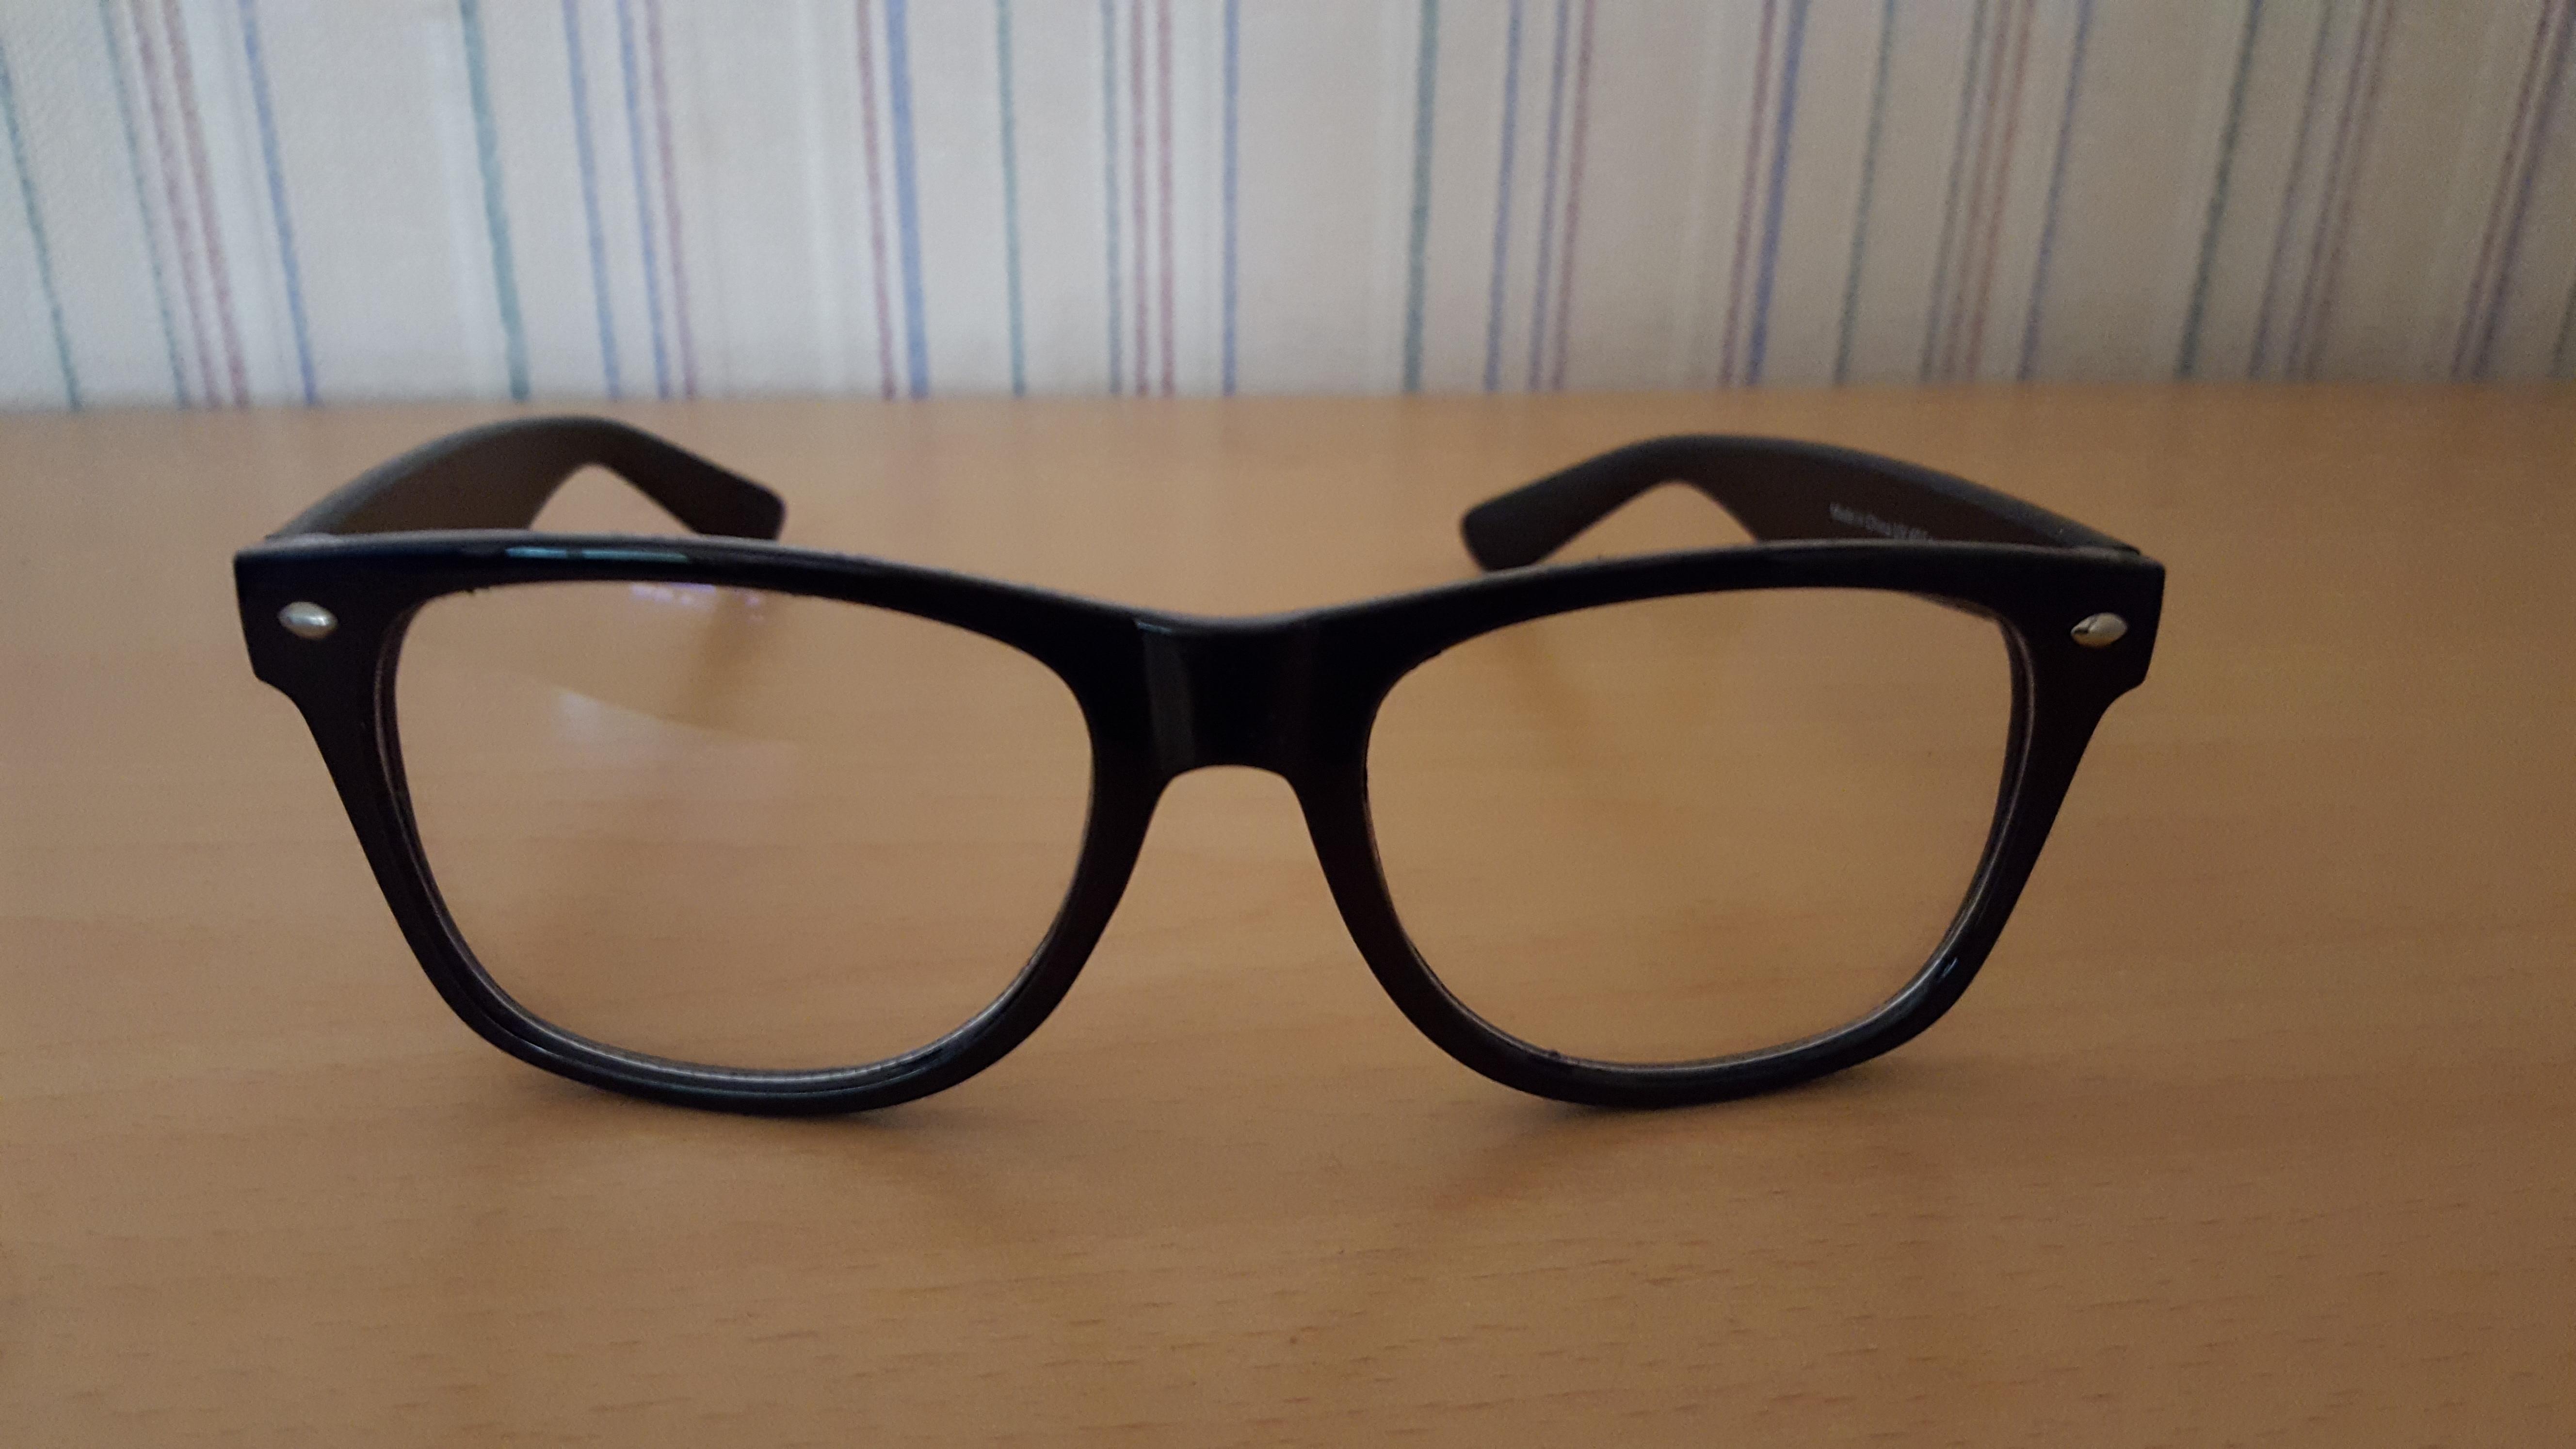 Lusse lunette anti-lumière bleue - 0003